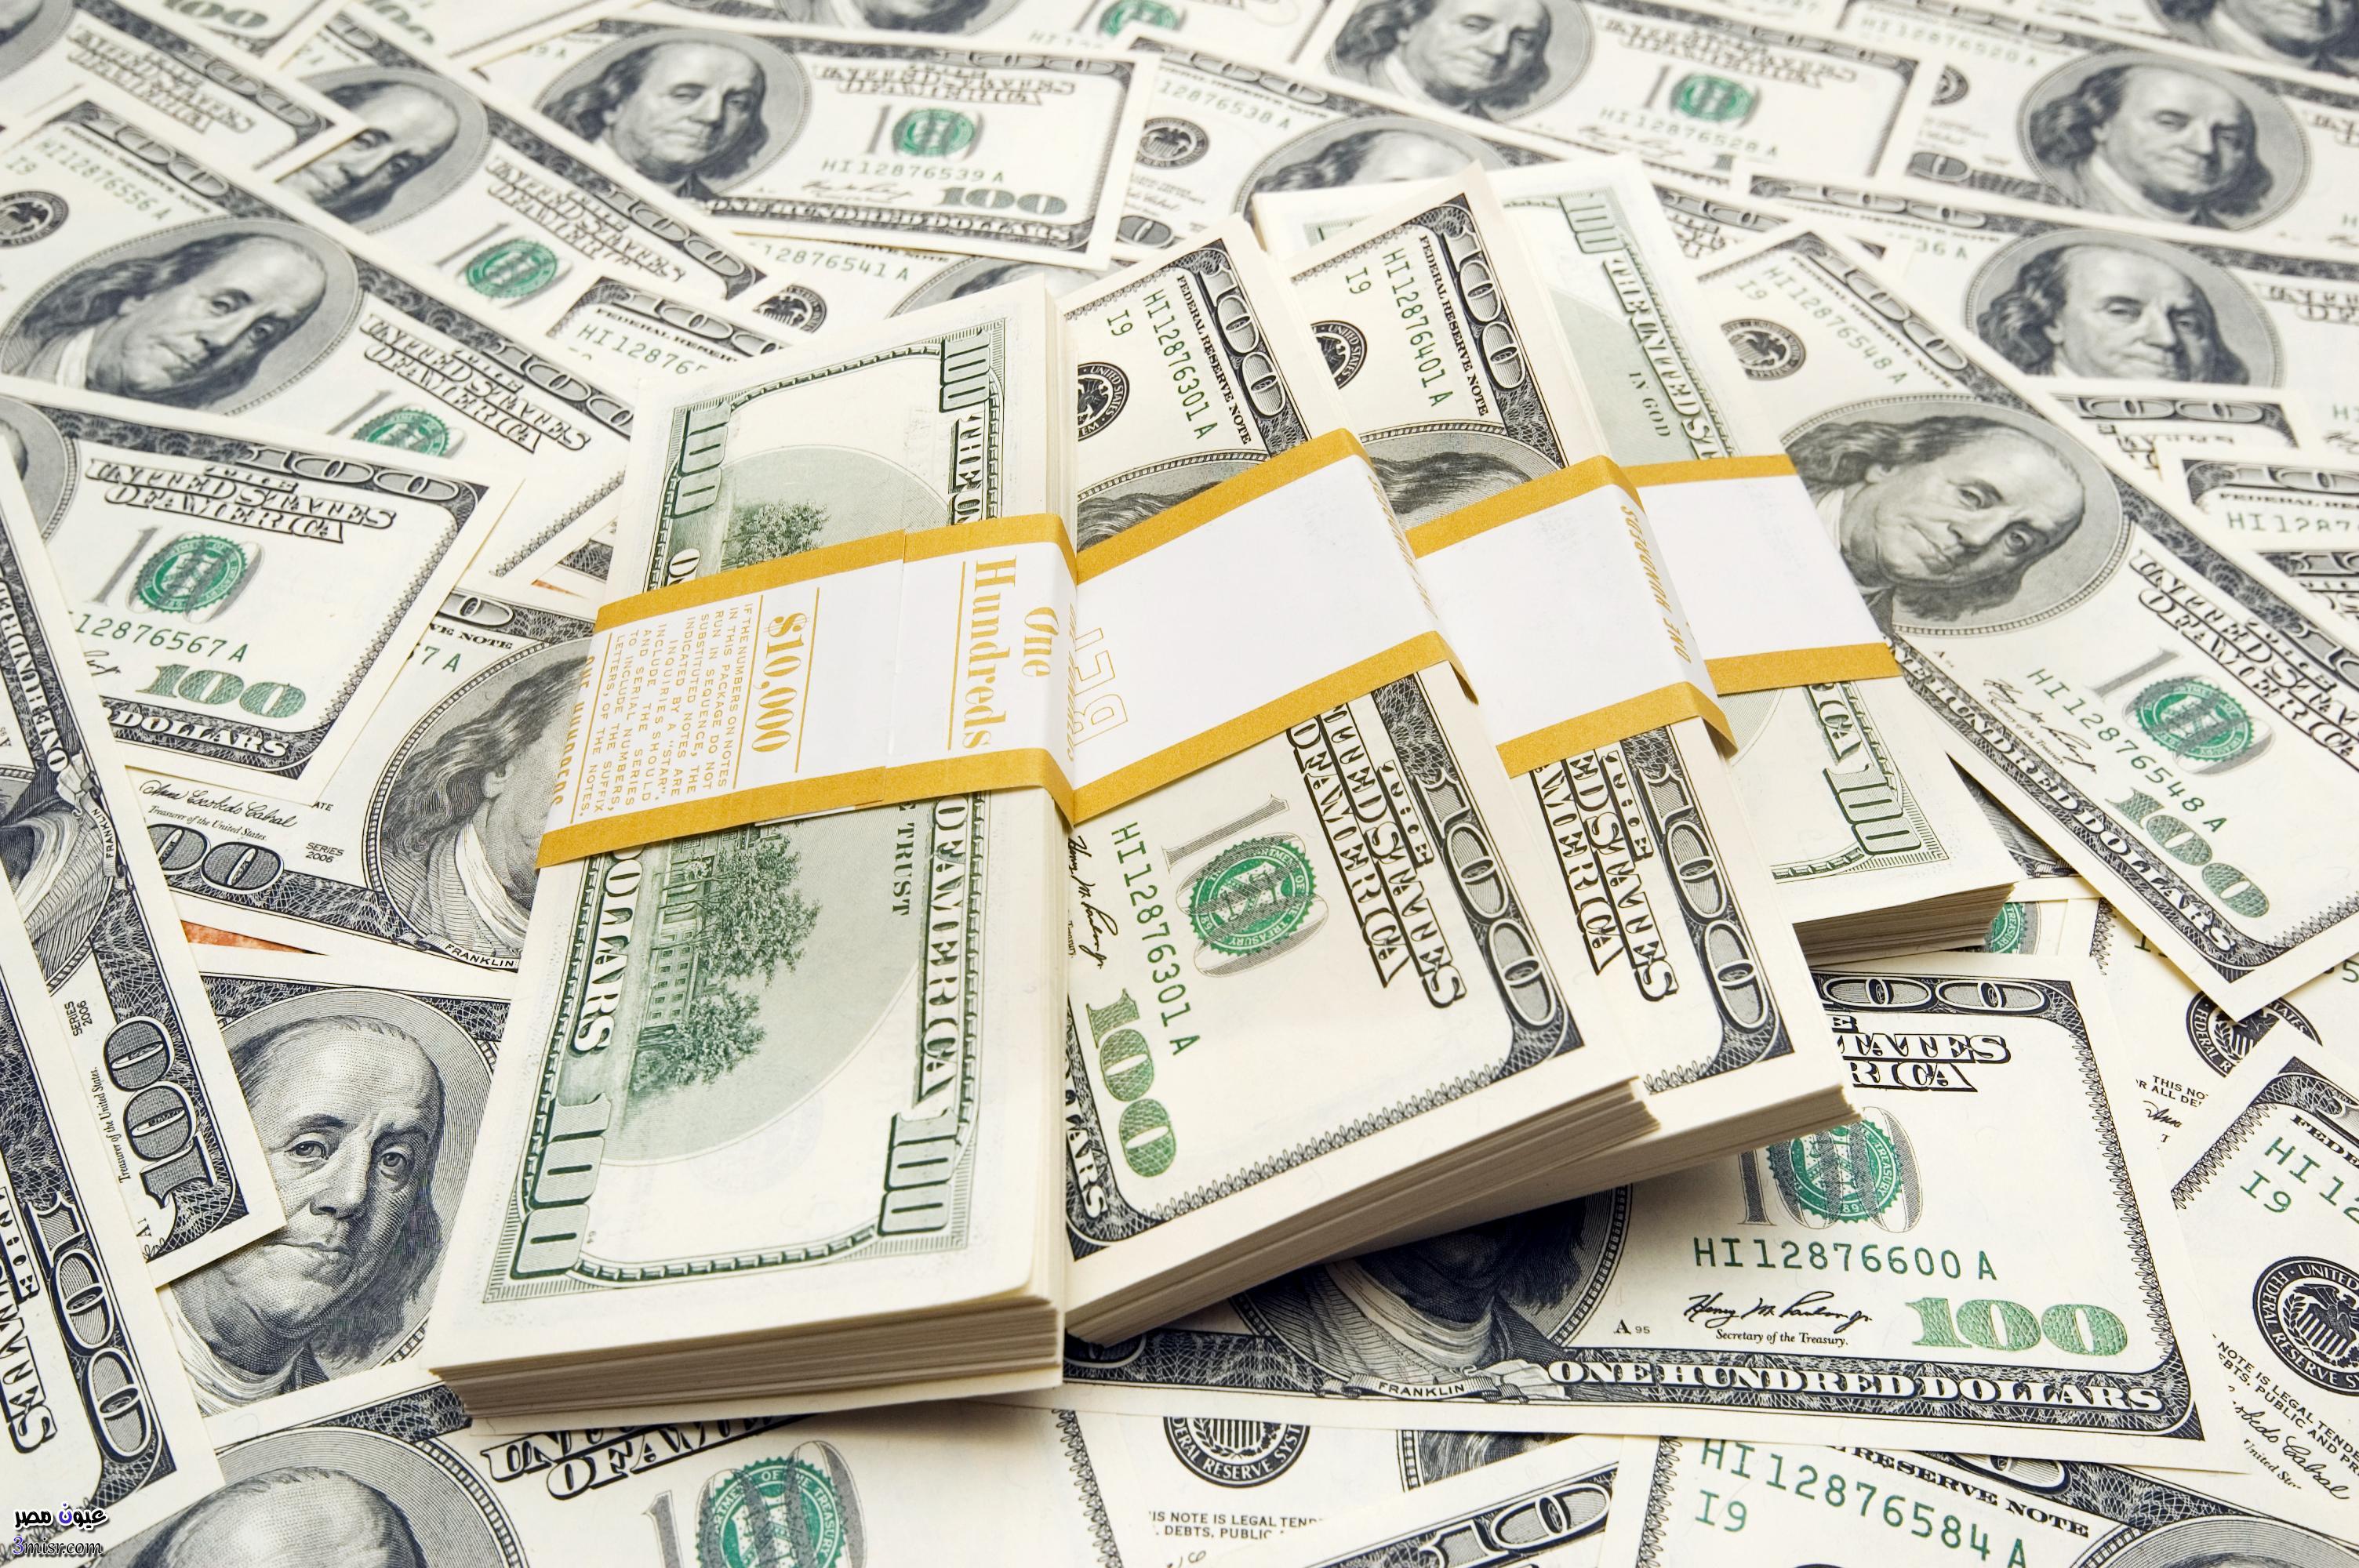 سعر الدولار اليوم اسعار العملات الان في البنوك